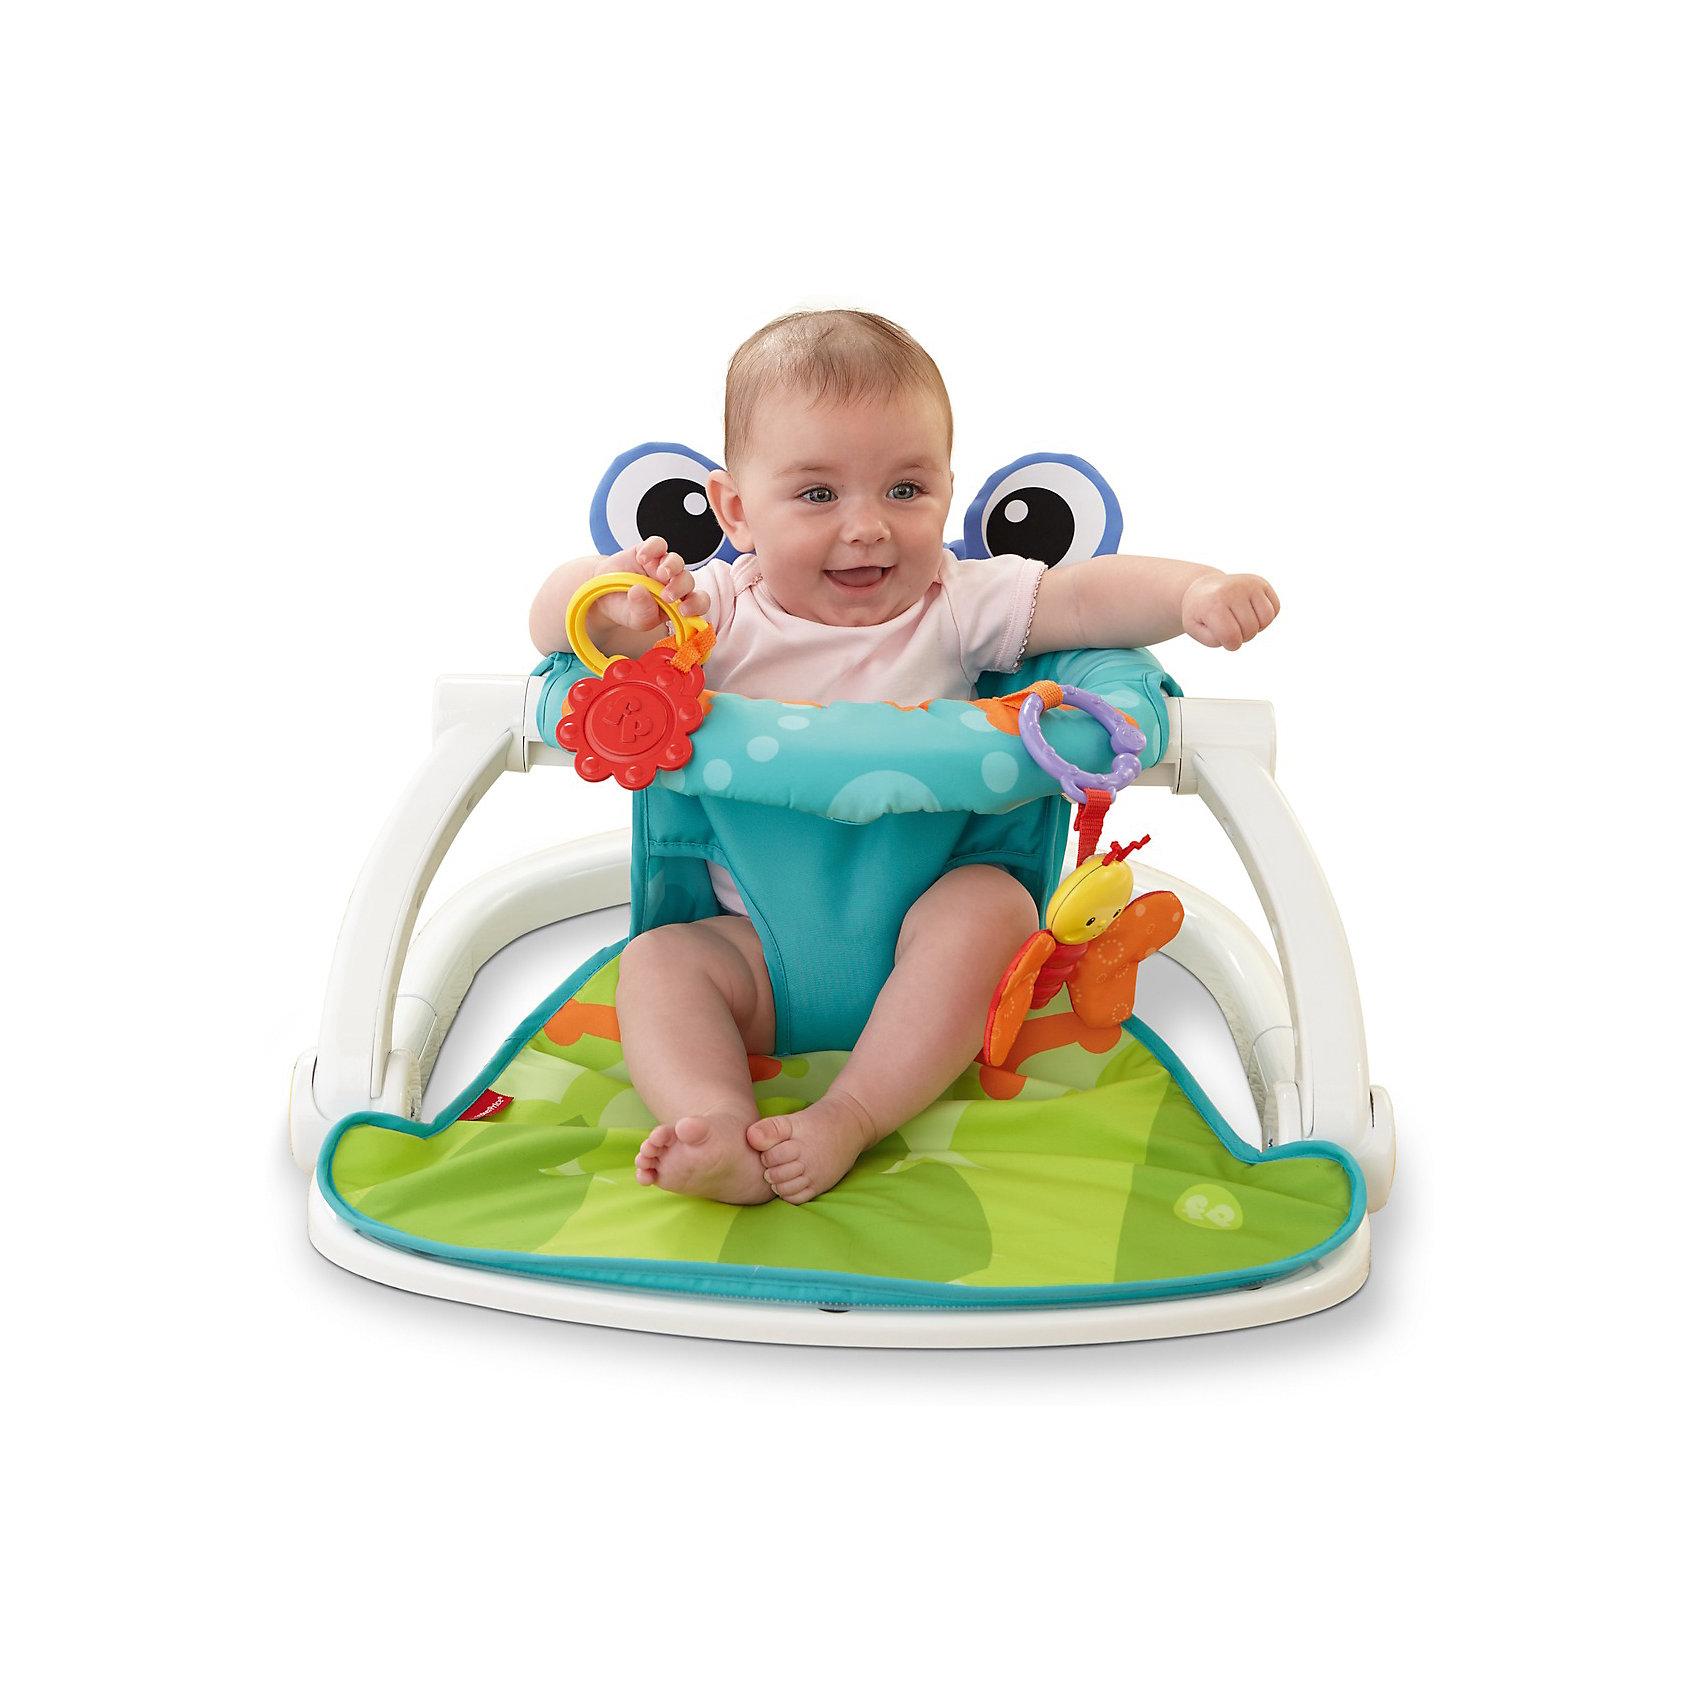 Напольное сиденье Лягушонок, Fisher PriceХарактеристики:<br><br>• Вид детской мебели: кресло-сиденье<br>• Пол: универсальный<br>• Материал: пластик, текстиль<br>• Цвет: голубой, зеленый, оранжевый<br>• Максимально допустимый вес: 11 кг<br>• Размер (Д*Ш*В): 51*25*66 см<br>• Вес: 3 кг 230 г<br>• Наличие складывающегося механизма<br>• Наличие подвесных игрушек<br>• Наличие съемного чехла<br>• Особенности ухода: пластиковый каркас можно мыть теплой мыльной водой, съемный чехол разрешается стирать при температуре не более 30 градусов<br><br>Напольное сиденье Лягушонок, Fisher Price ? мягкое и удобное кресло для самых маленьких детей. Сиденье выполнено из прочных и безопасных материалов: пластиковый каркас обеспечивает надежную защиту для ребенка, а мягкое сиденье-чехол – удобство и комфорт. Кресло имеет устойчивое основание, за счет чего обеспечивается защита от переворачивания. Кроме того, каркас имеет складной механизм, поэтому кресло удобно брать с собой в путешествия и поездки. В комплекте предусмотрены две яркие игрушки-подвески, различная фактура которых будет способствовать развитию тактильных ощущений. Сиденье выполнено в форме лягушонка с большими объемными глазами на спинке стула. <br><br>Напольное сиденье Лягушонок, Fisher Price можно купить в нашем интернет-магазине.<br><br>Ширина мм: 559<br>Глубина мм: 121<br>Высота мм: 426<br>Вес г: 4500<br>Возраст от месяцев: 0<br>Возраст до месяцев: 12<br>Пол: Унисекс<br>Возраст: Детский<br>SKU: 5118148